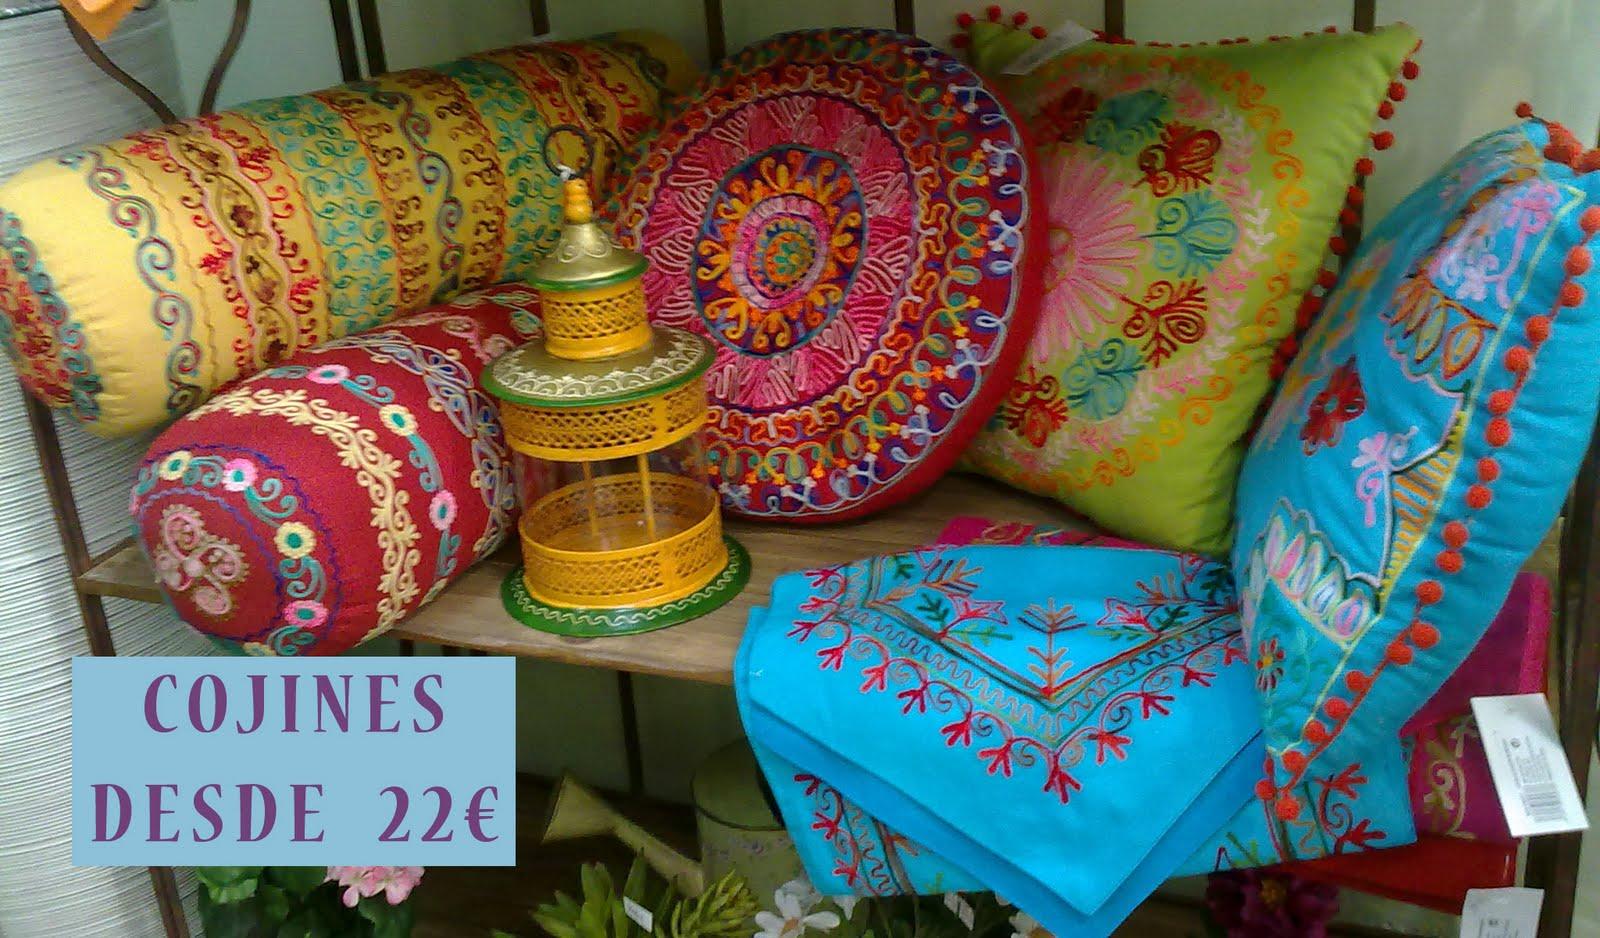 Decoraci n artico ideas y consejos con flores y plantas artificiales idea crear zona chill - Cojines indios ...